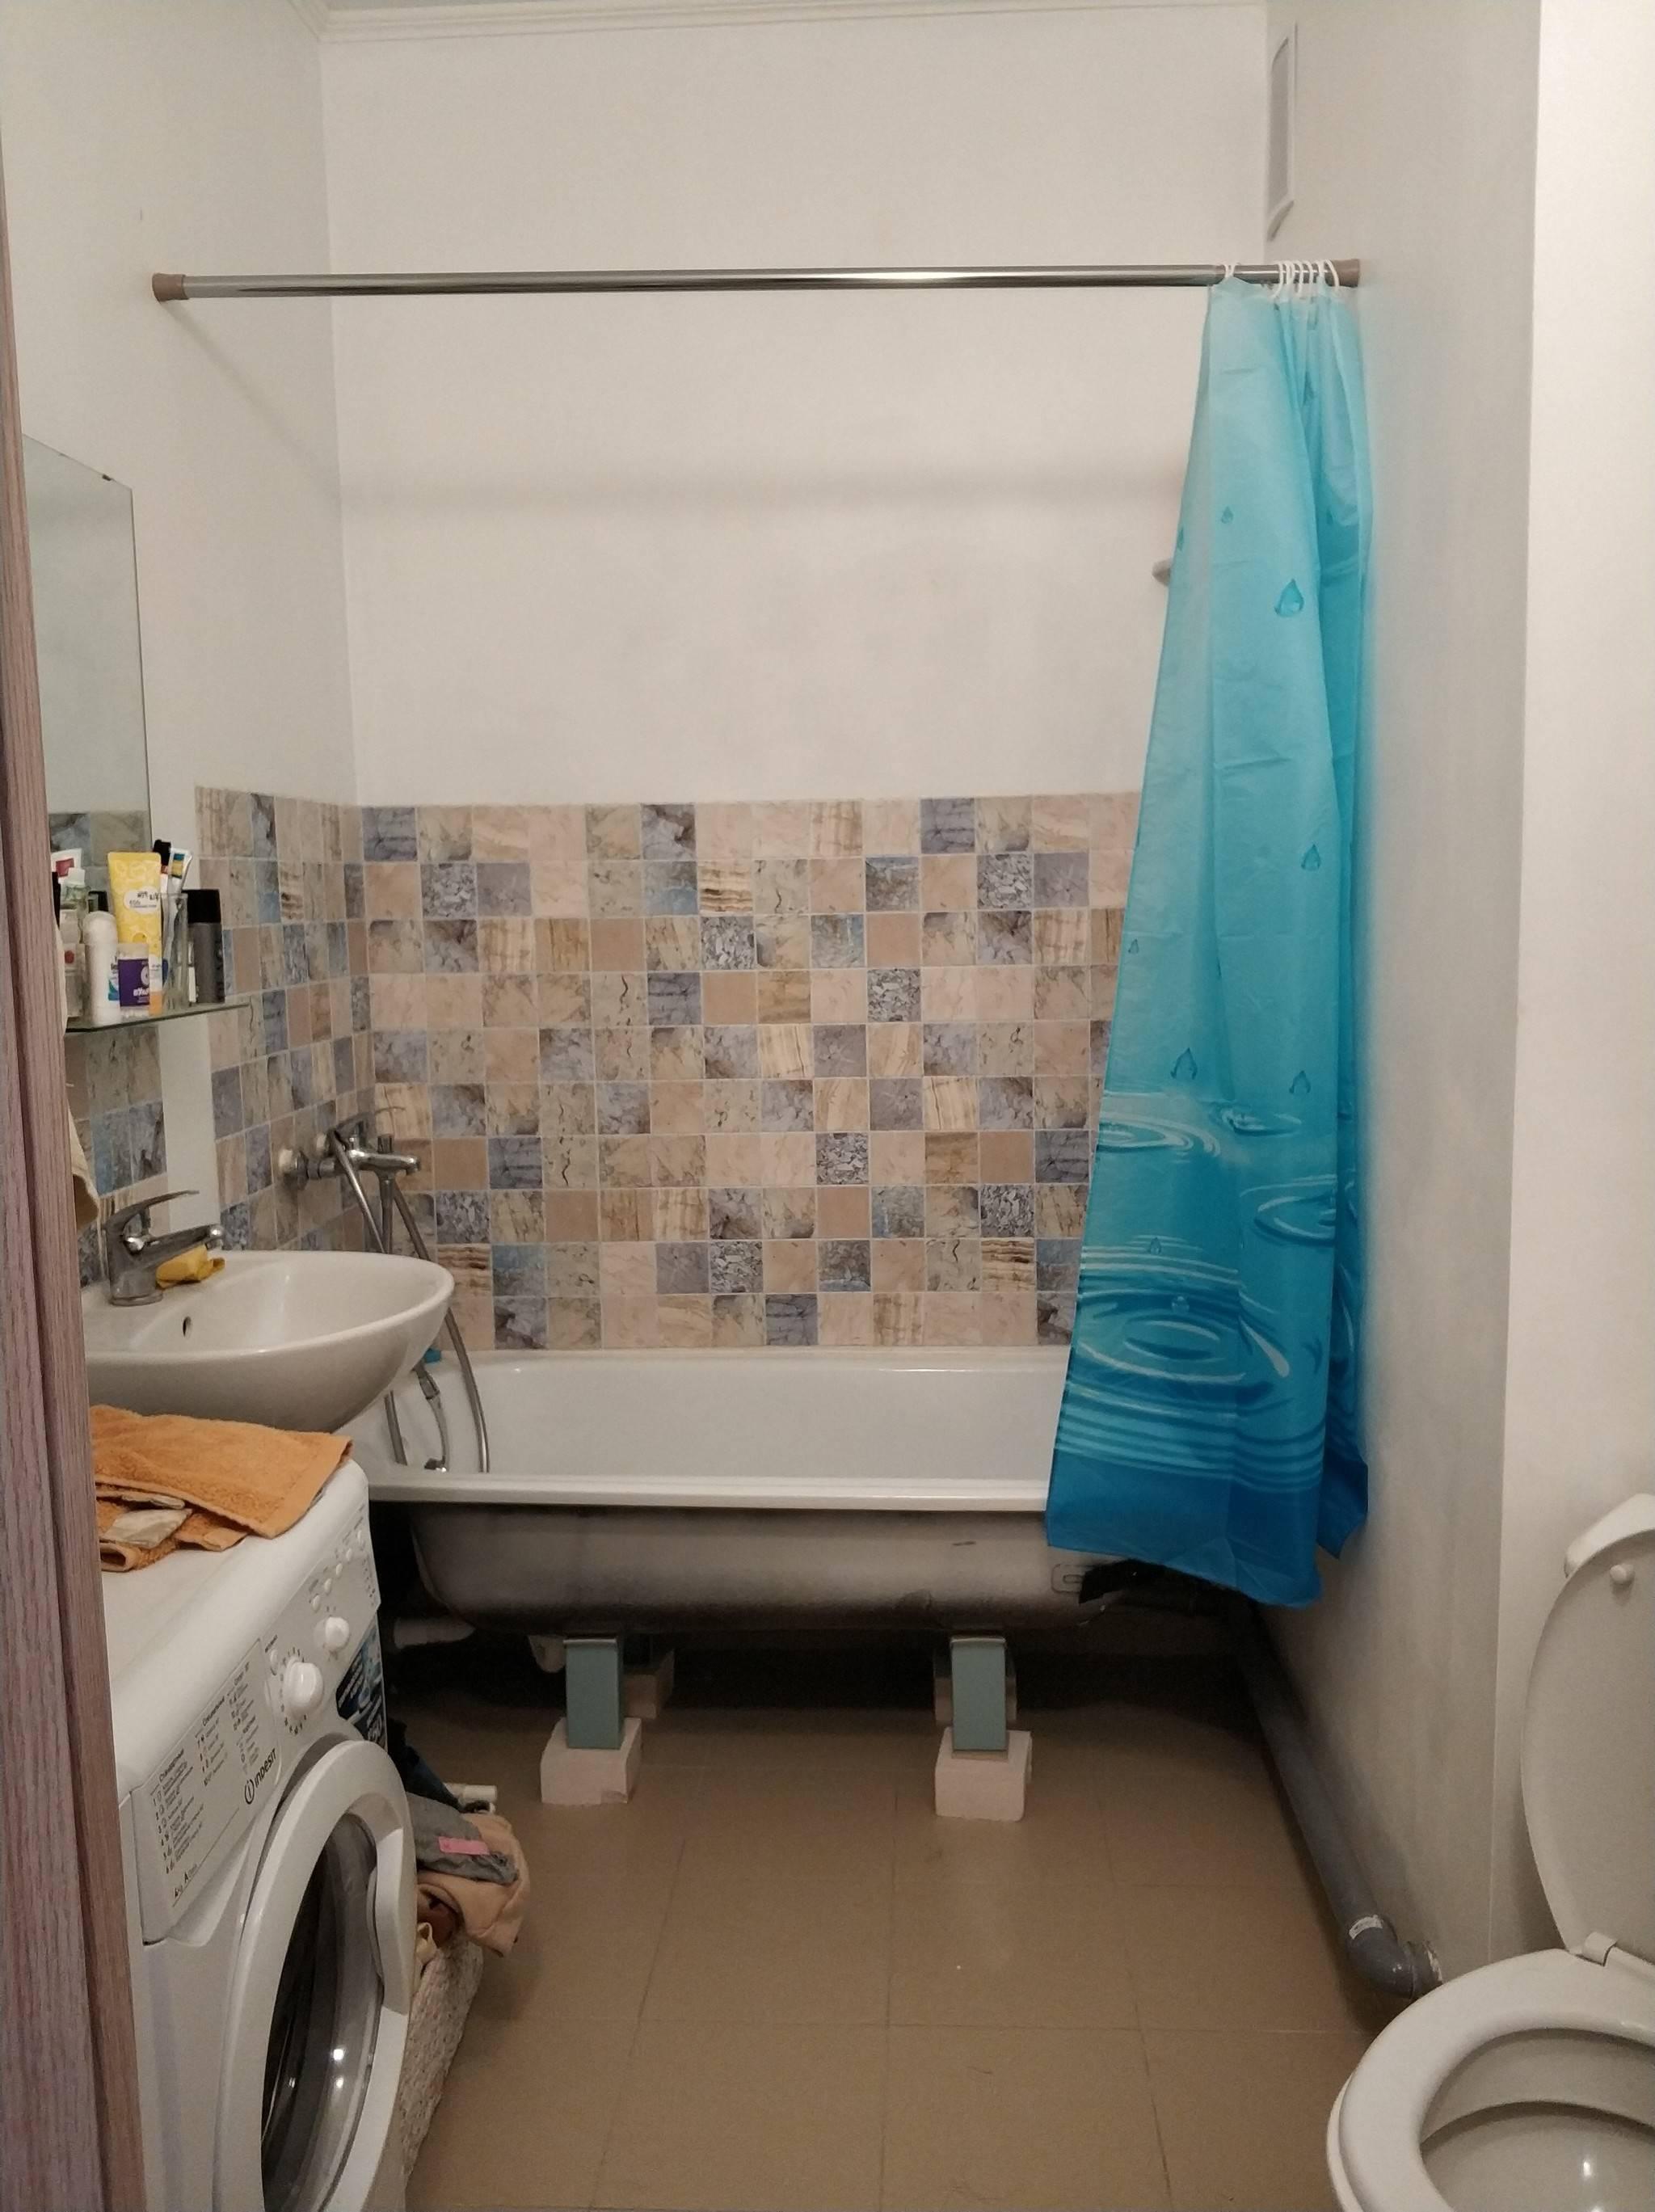 Муж сделал в ванной ? ремонт и положил плитку. фото до/после?